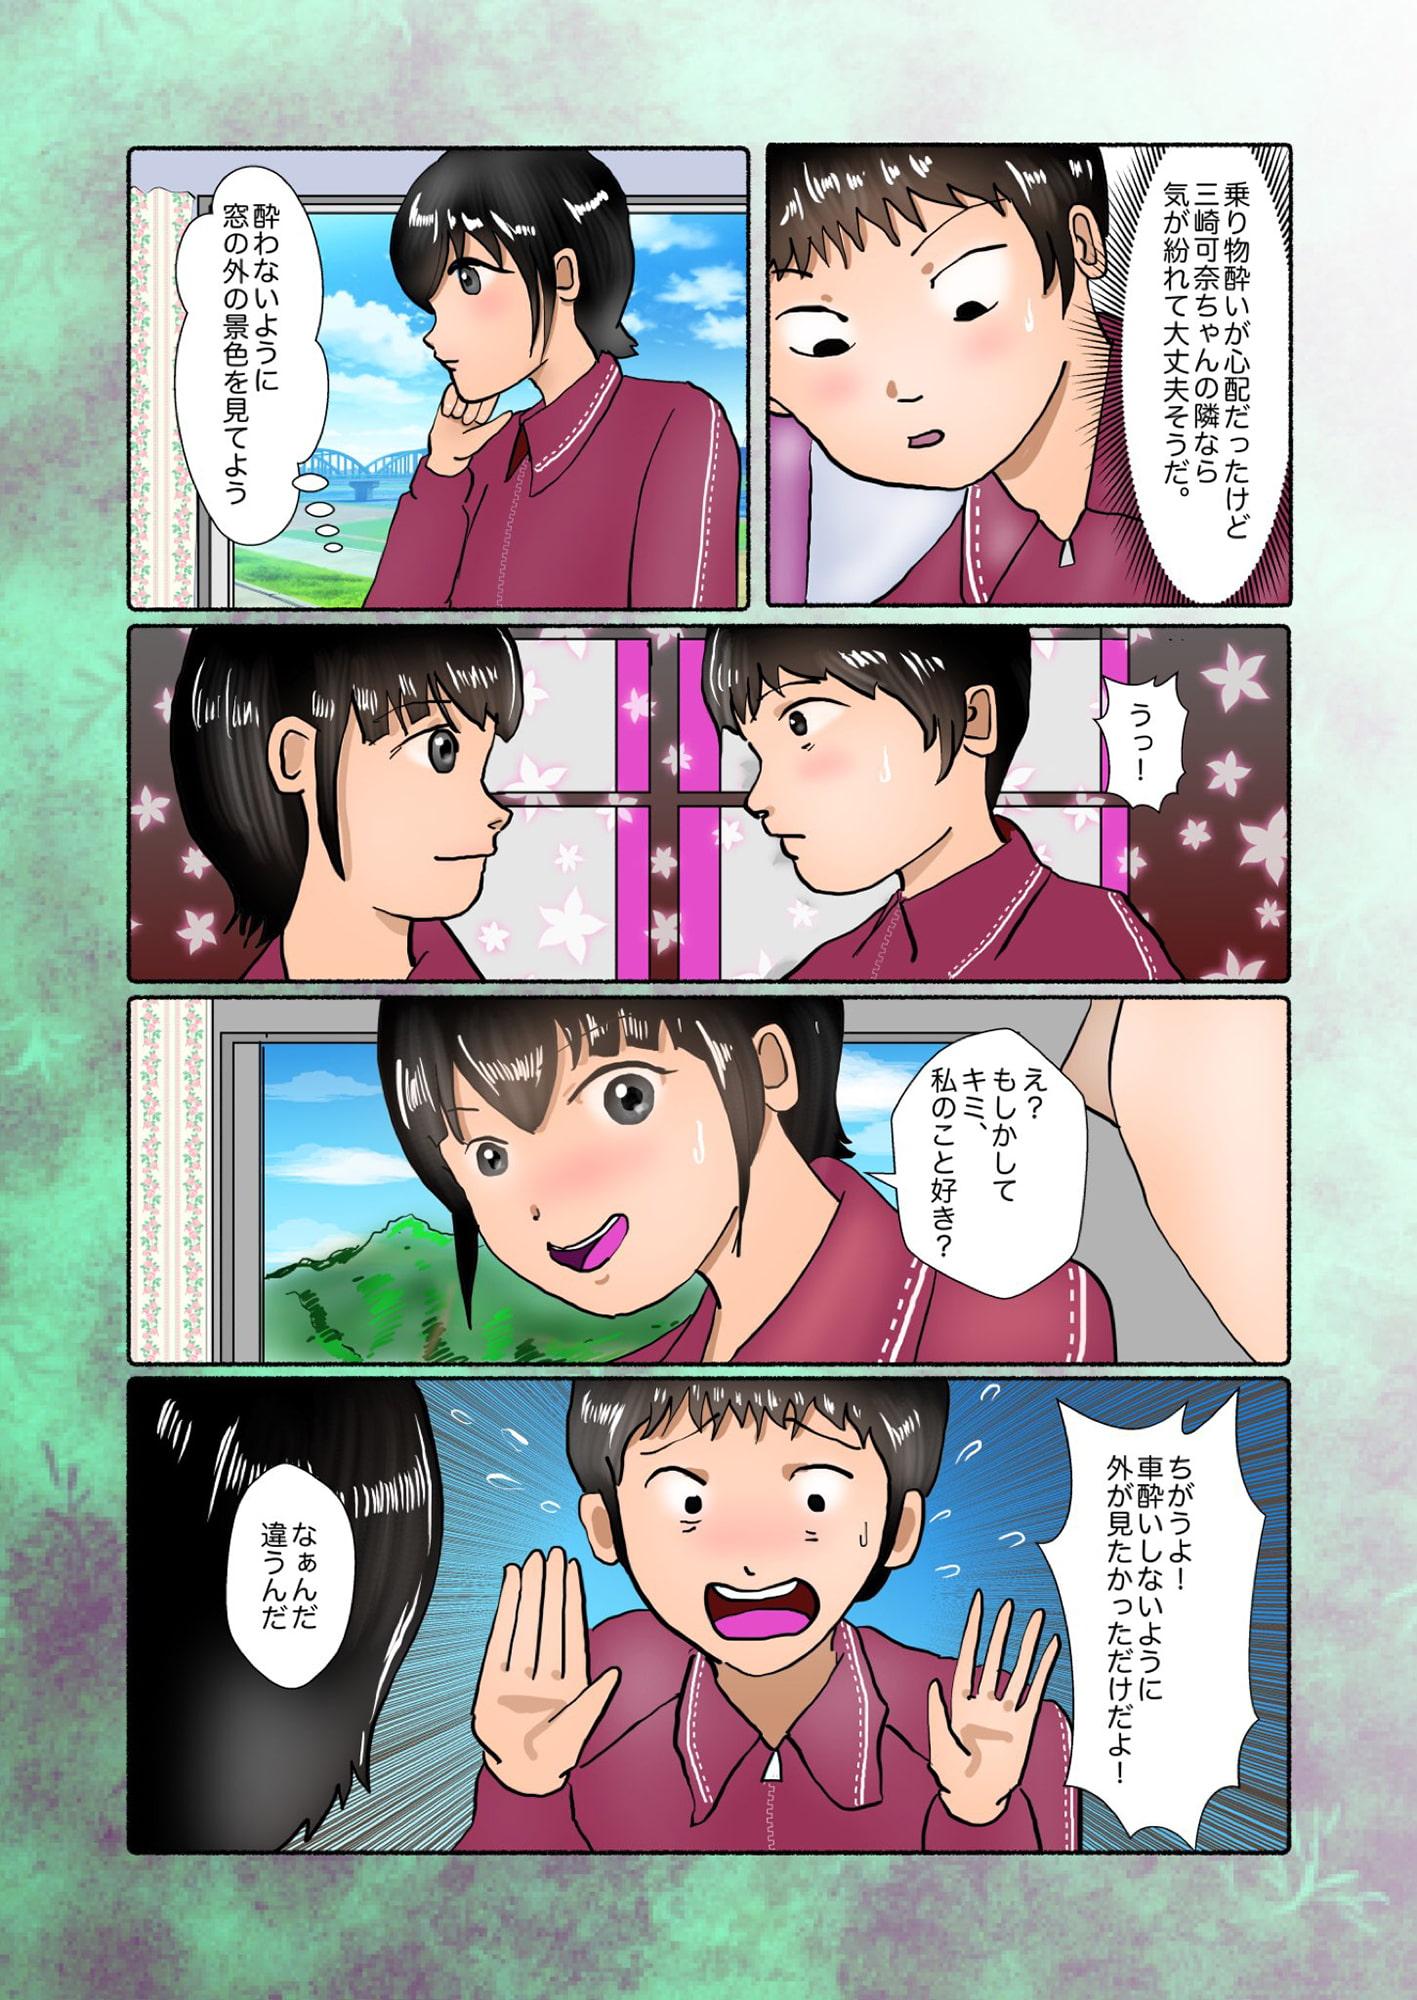 可奈ちゃんの彼氏になるために